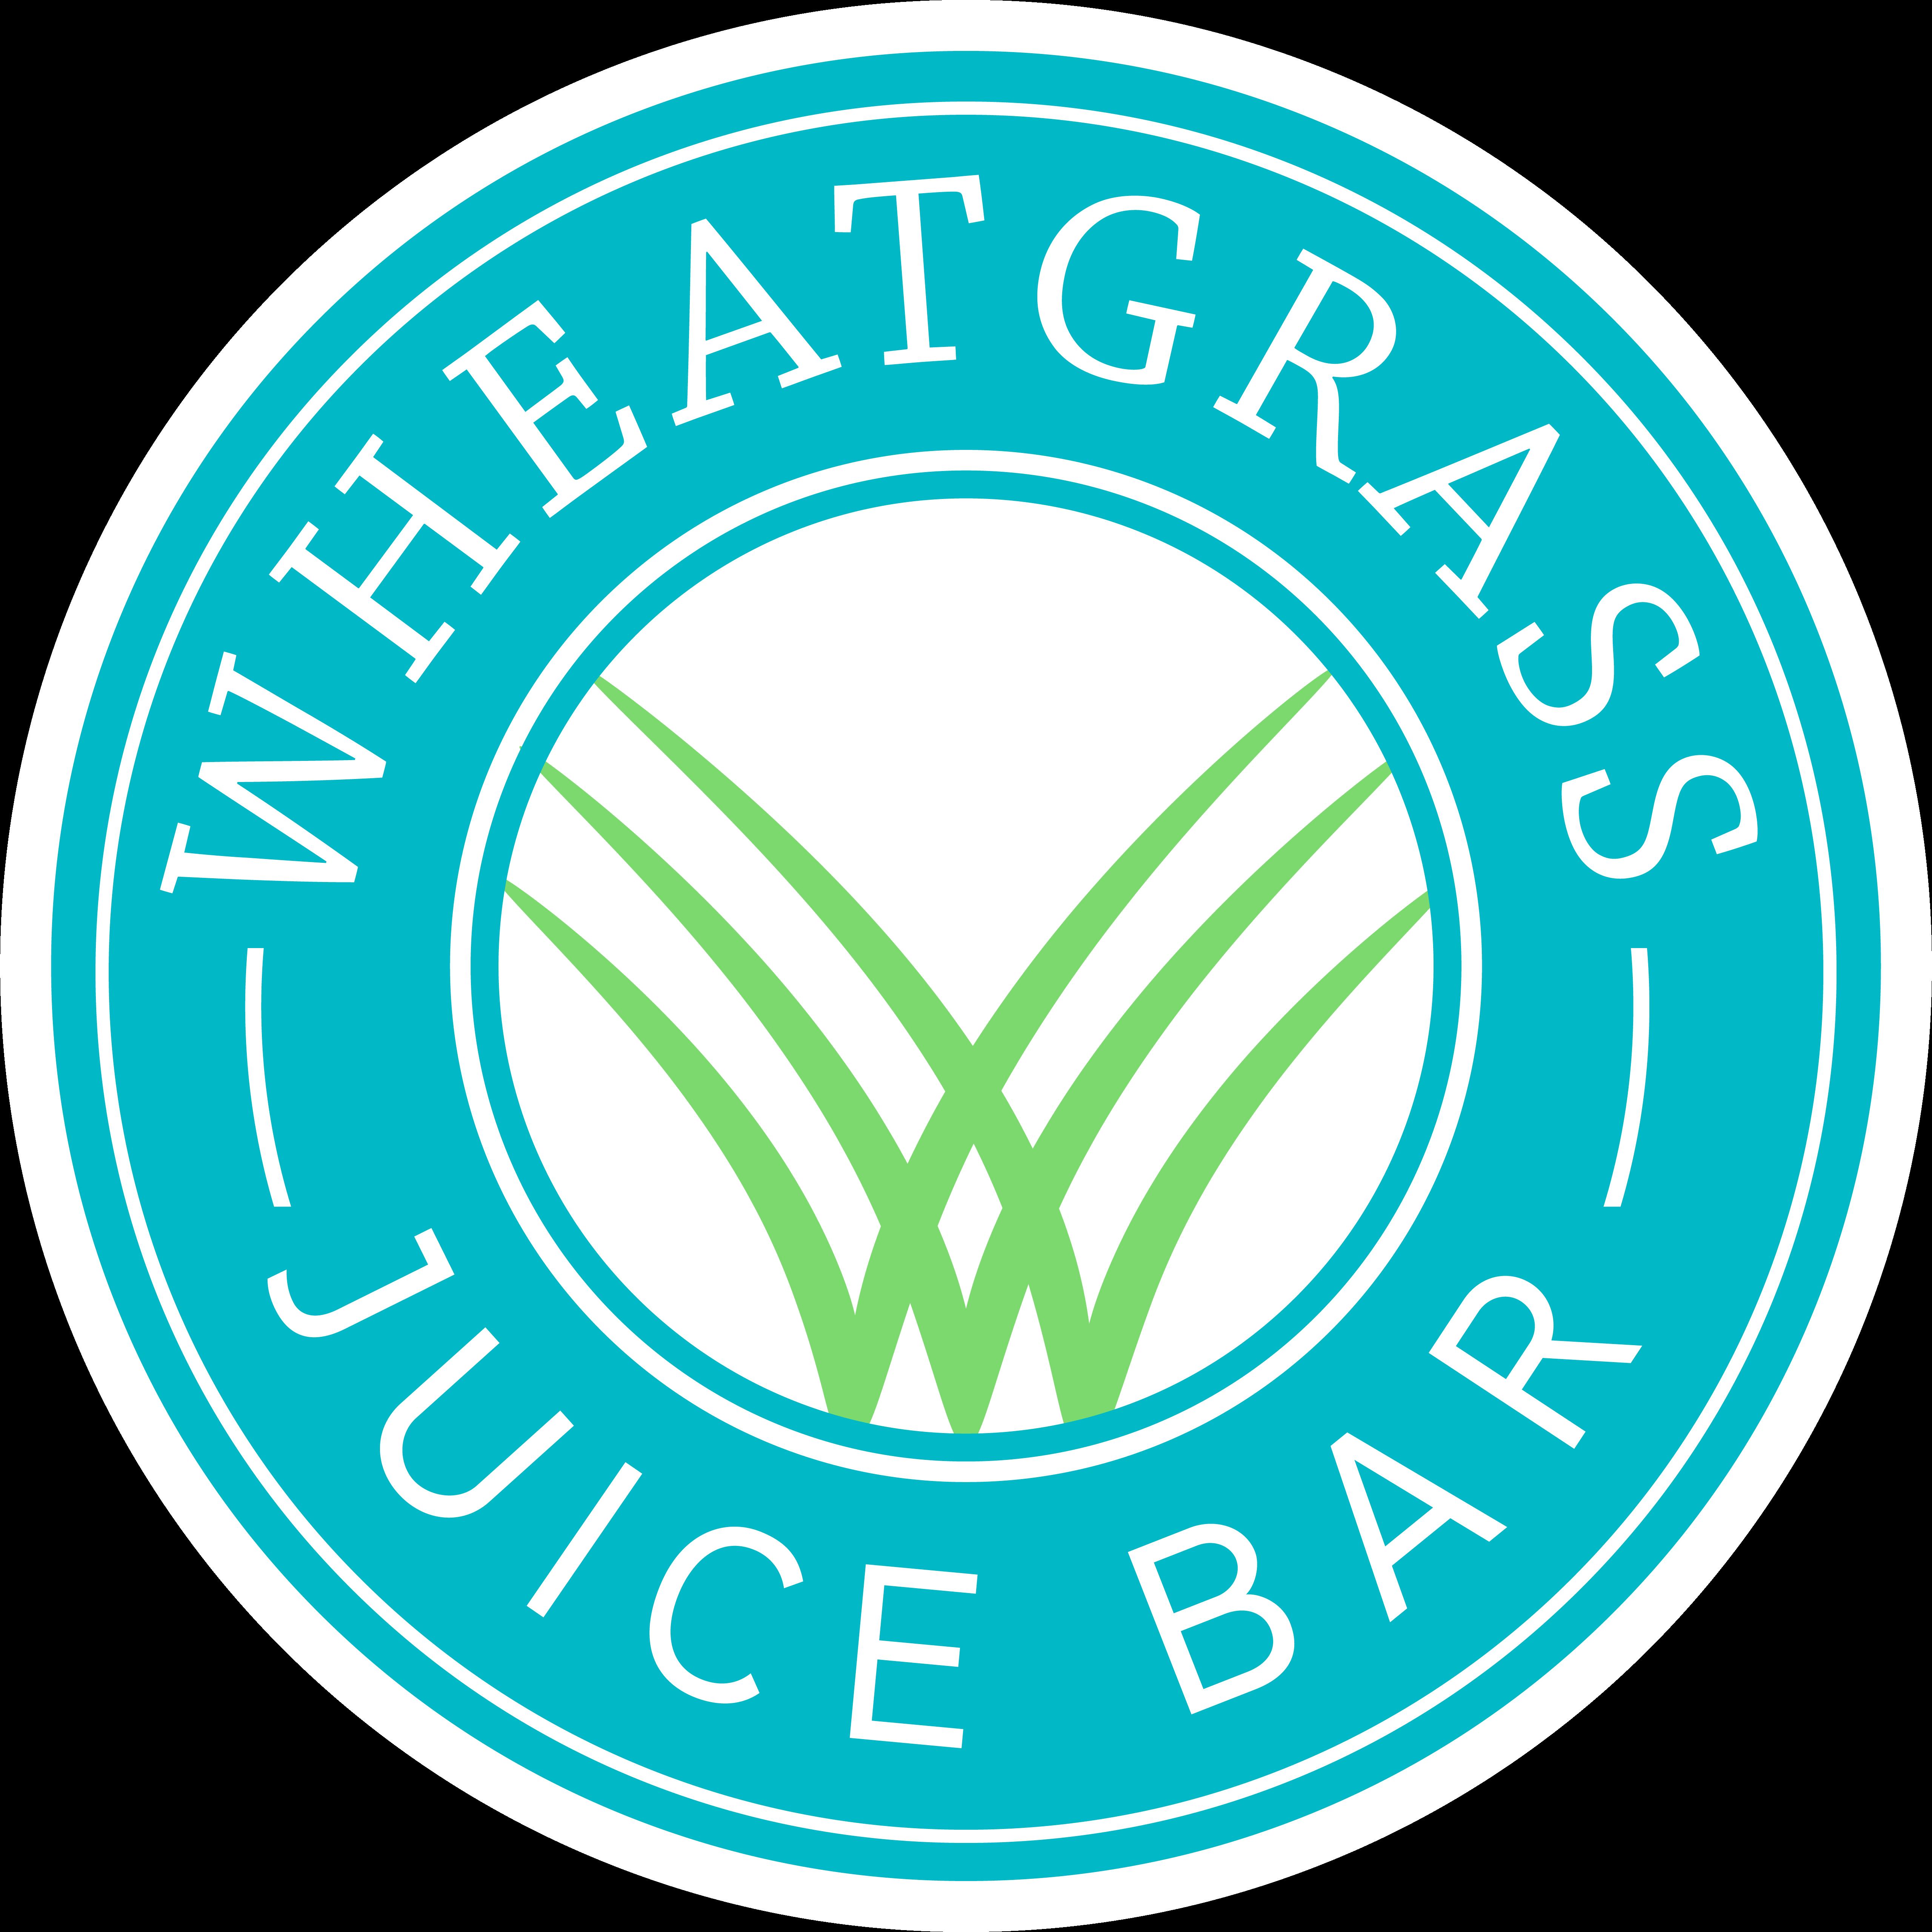 Wheatgrass Juice Bar logo